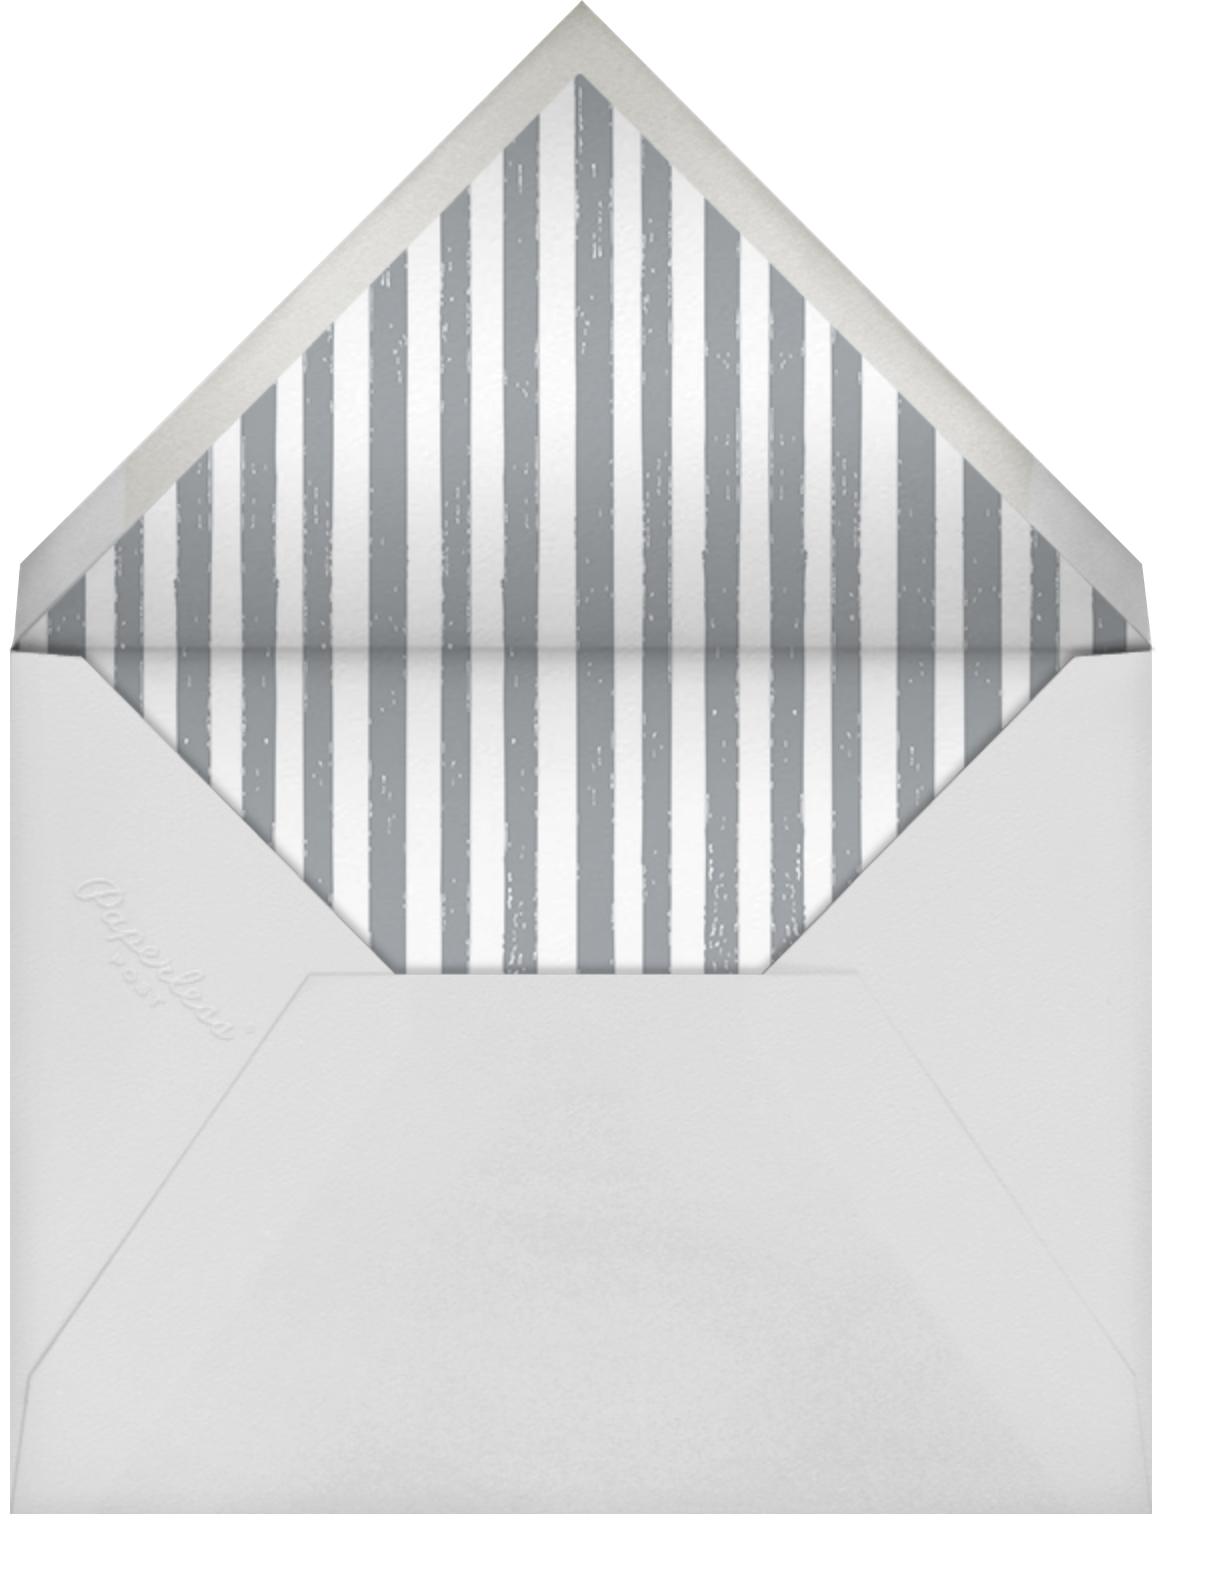 Endless Summer - Multi - Mr. Boddington's Studio - Summer entertaining - envelope back